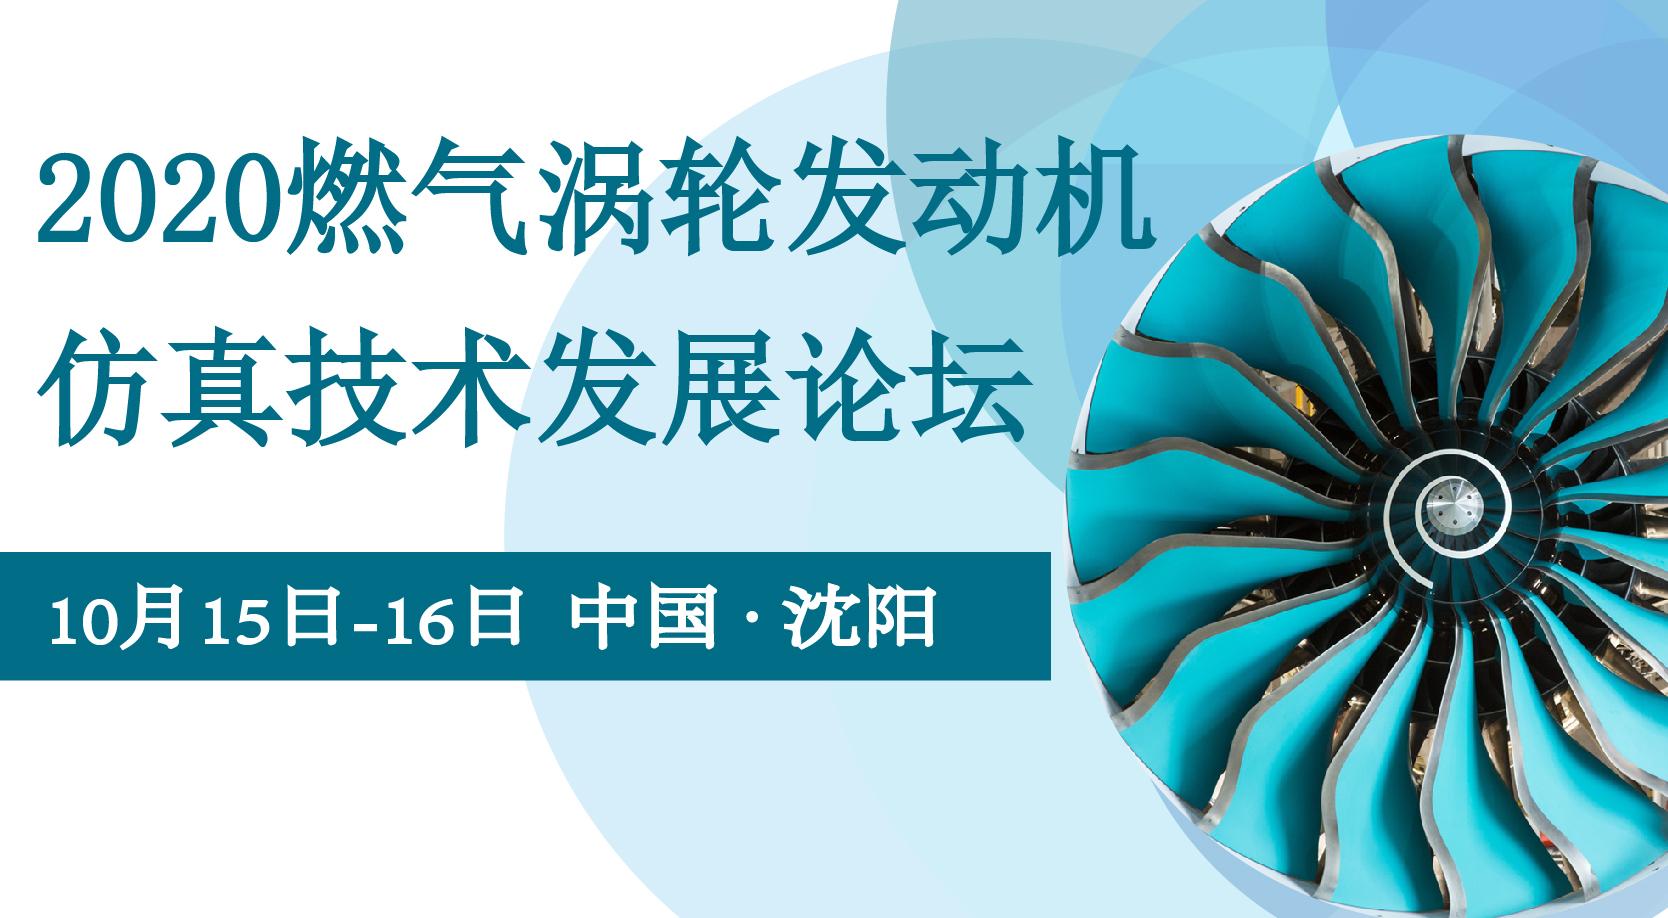 2020燃氣渦輪發動機仿真技術發展論壇